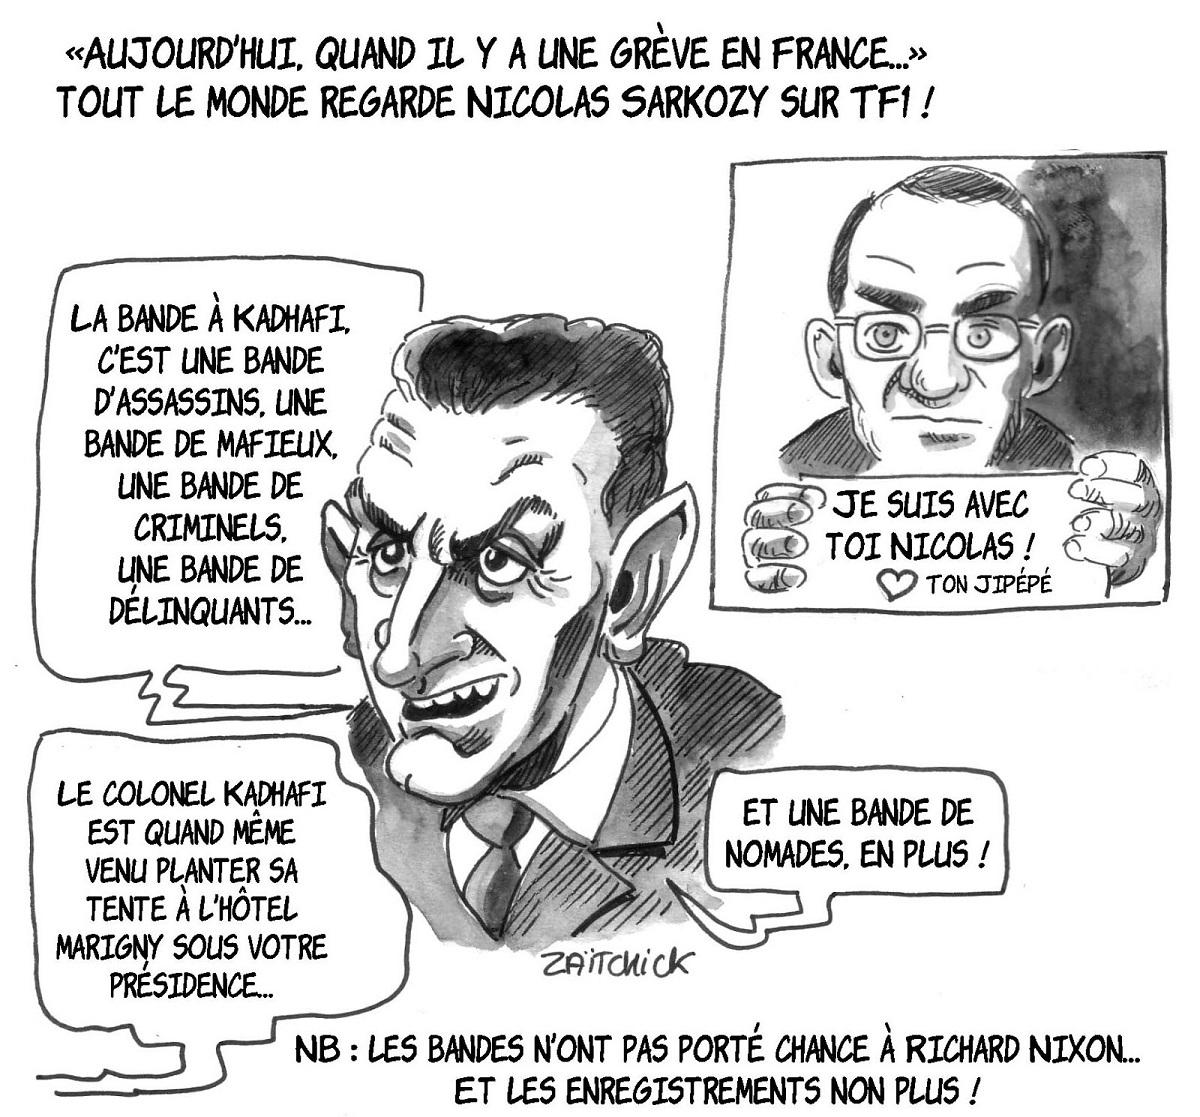 dessin humoristique de Nicolas Sarkozy interviewé sur TF1 et soutenu par Jean-Pierre Pernaut